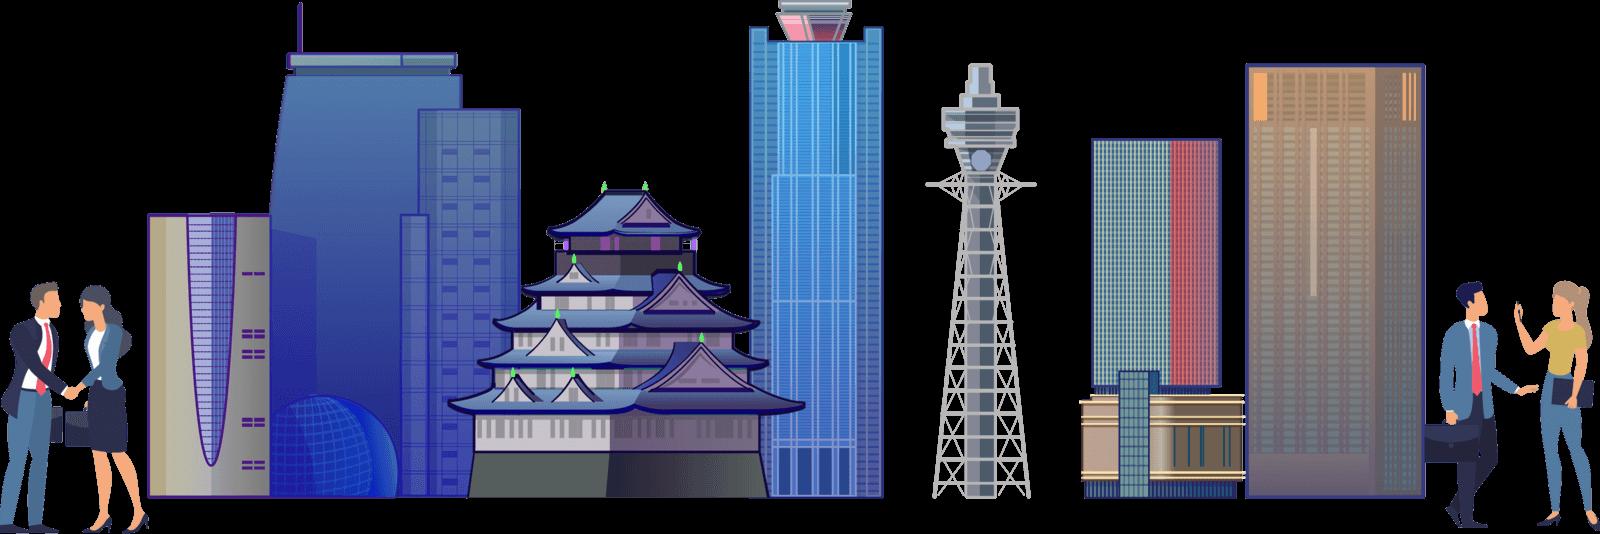 大阪府公民戦略連携デスクと府内43市町村の公民連携を加速する